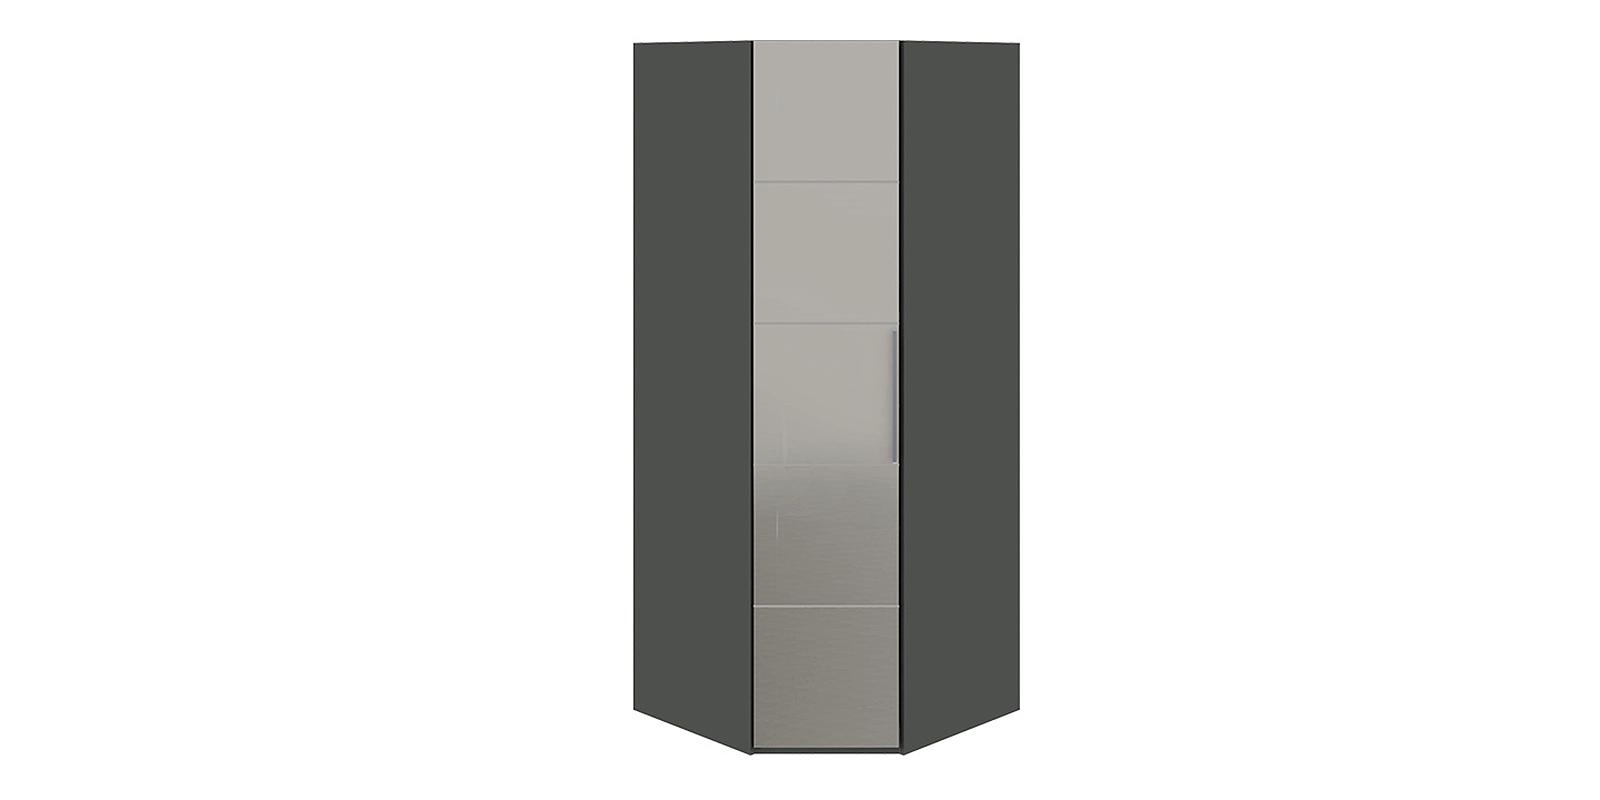 Шкаф распашной угловой Сорренто вариант №2 правый (коричневый/зеркало)